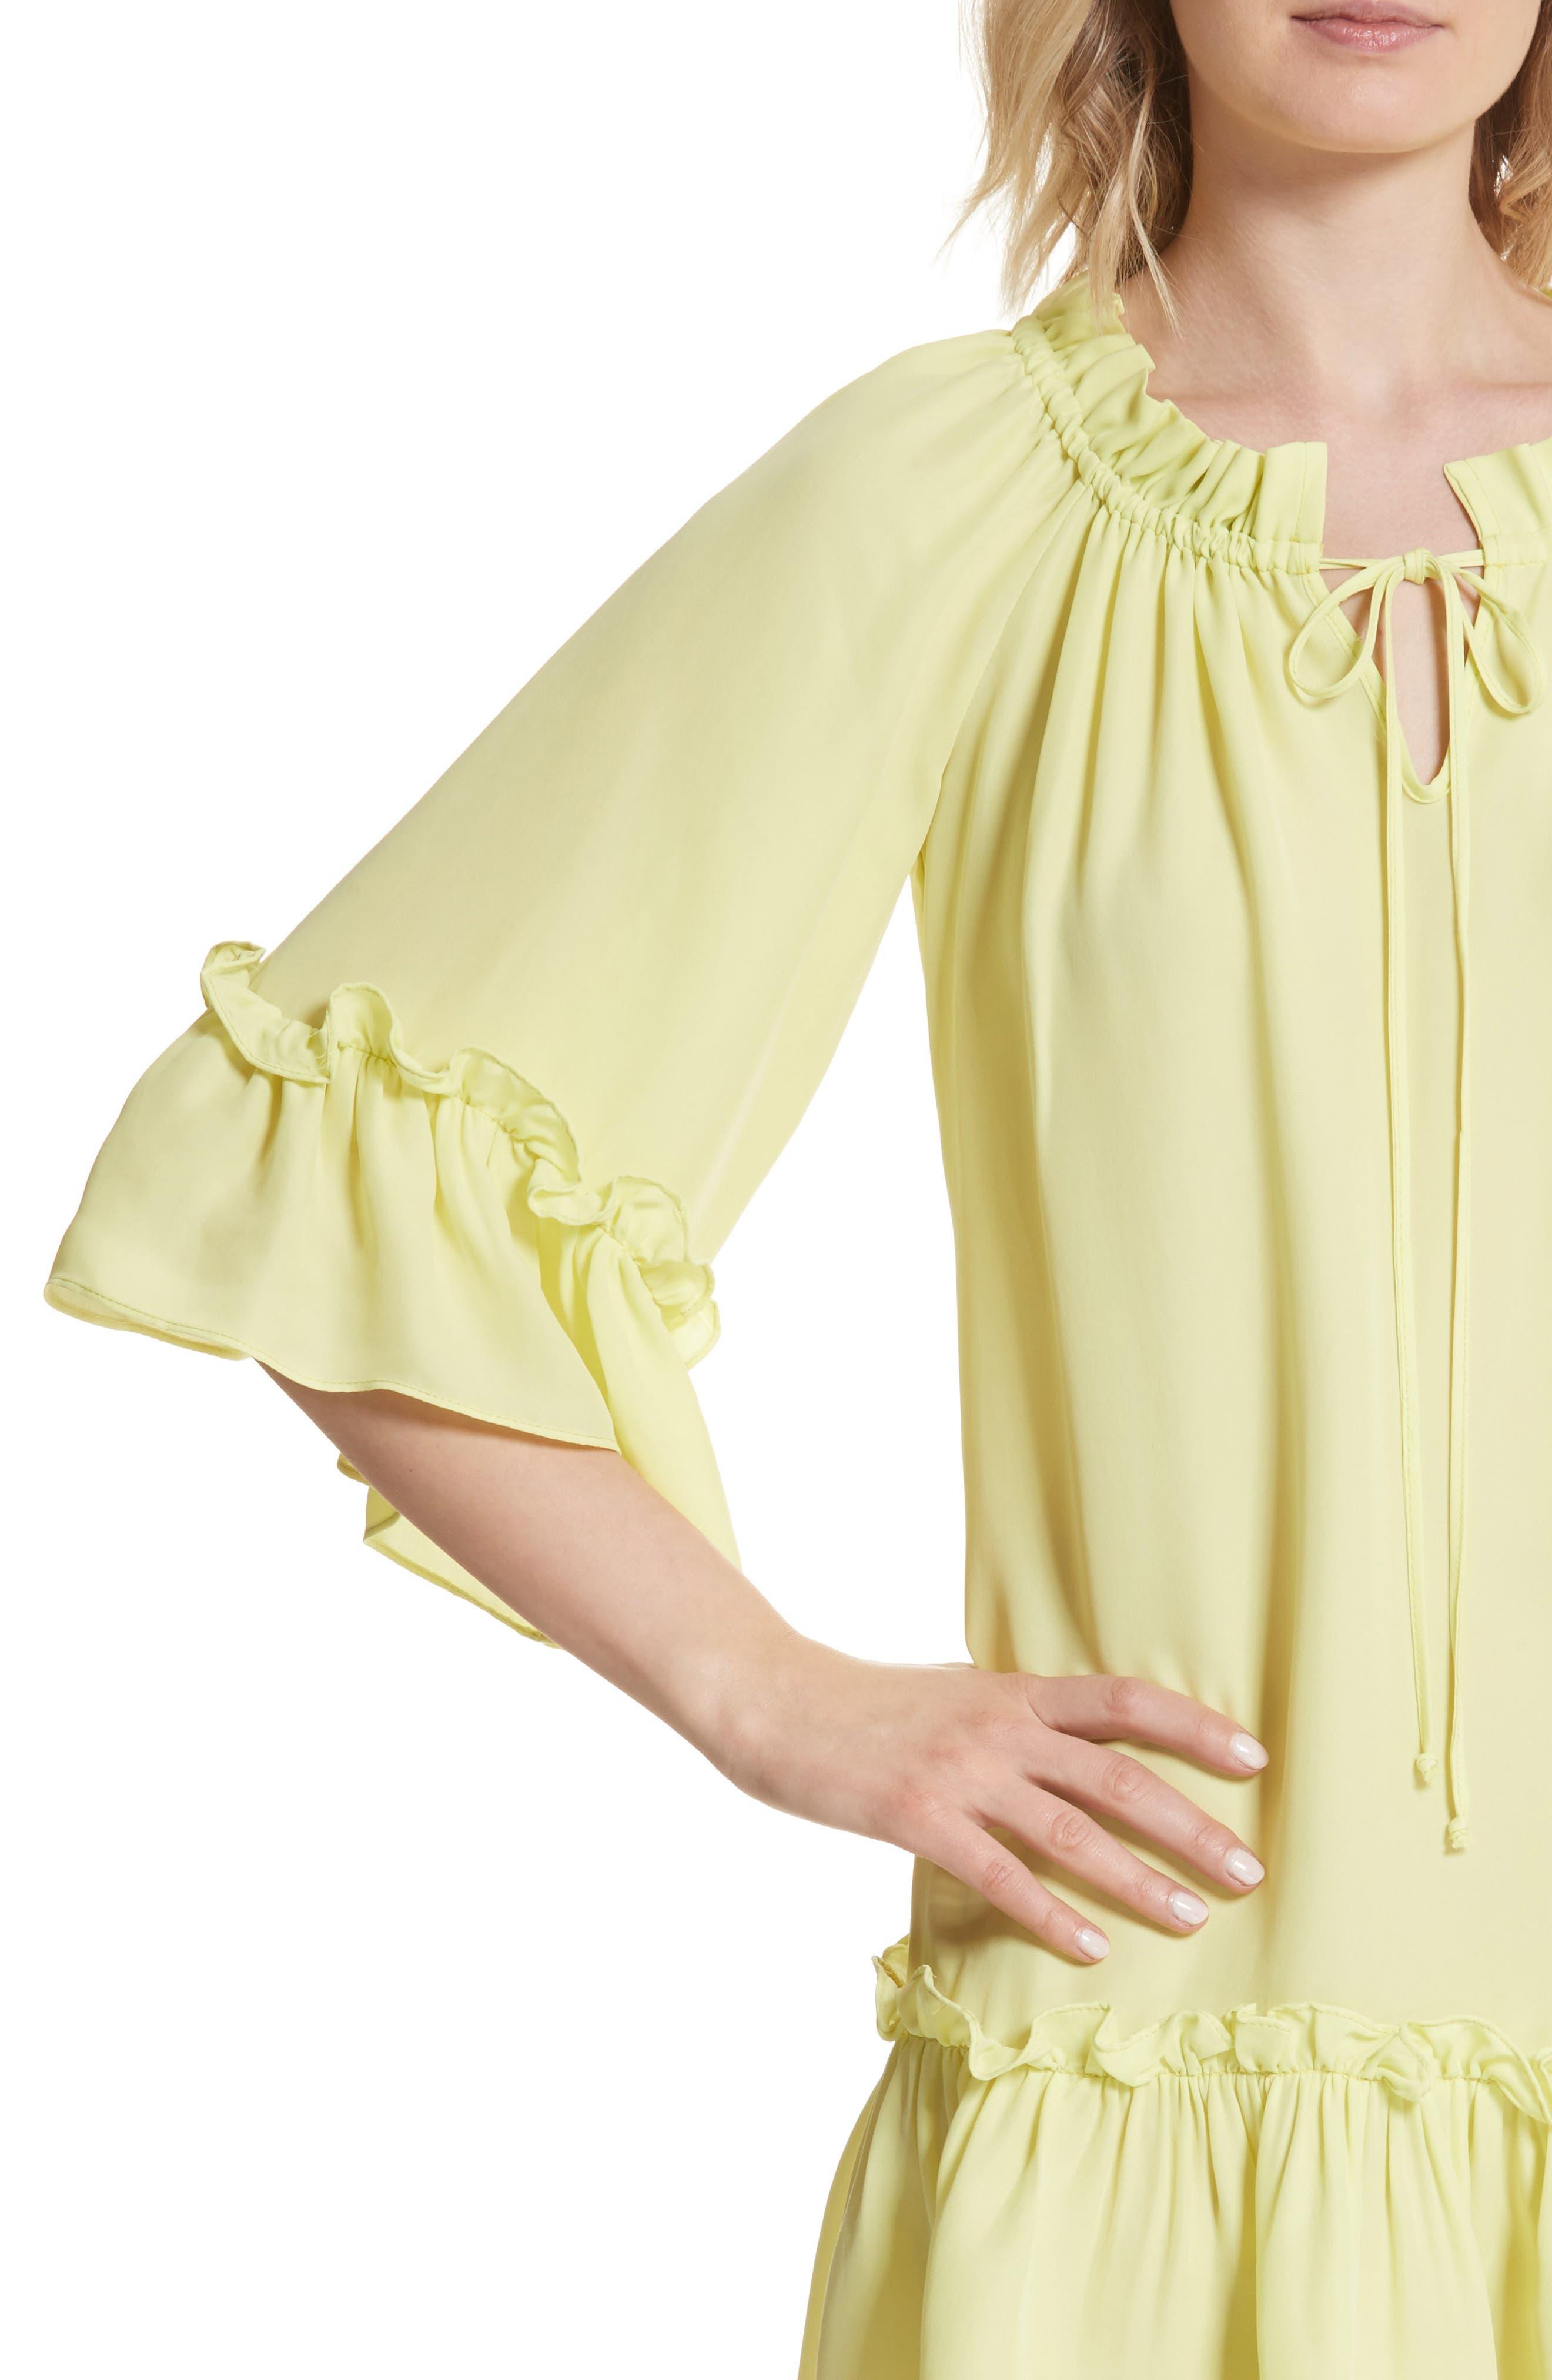 Santorini Ruffle Mini Dress,                             Alternate thumbnail 4, color,                             Lemon Yellow